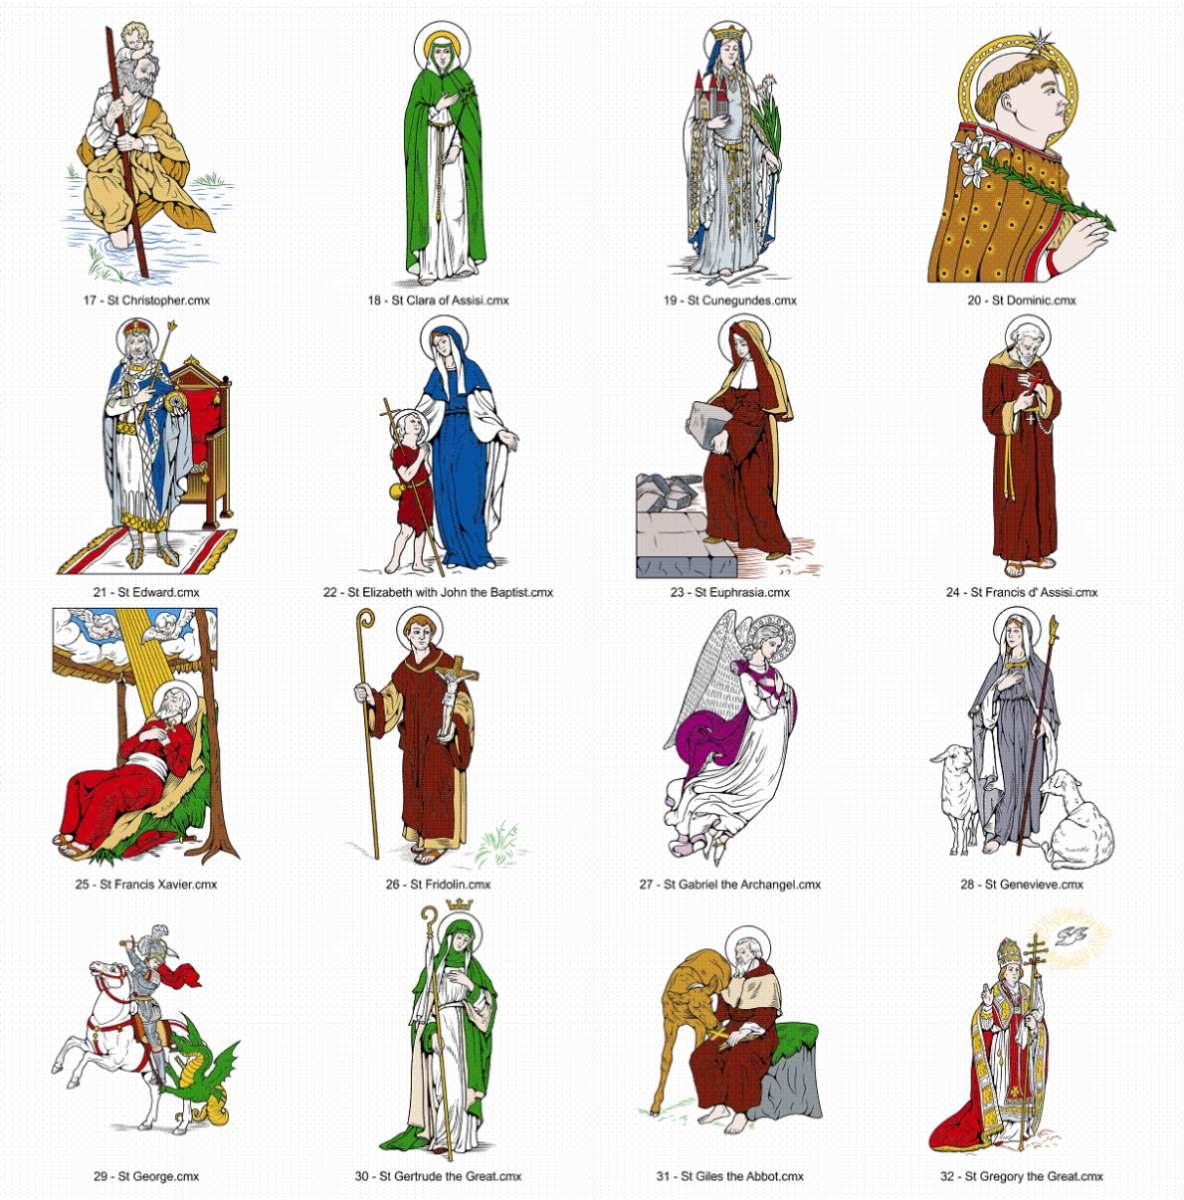 Adesivos De Orixas ~ 238 Imagens Religiosas Em Vetor (p adesivos, Camisas, Etc R$ 30,00 em Mercado Livre